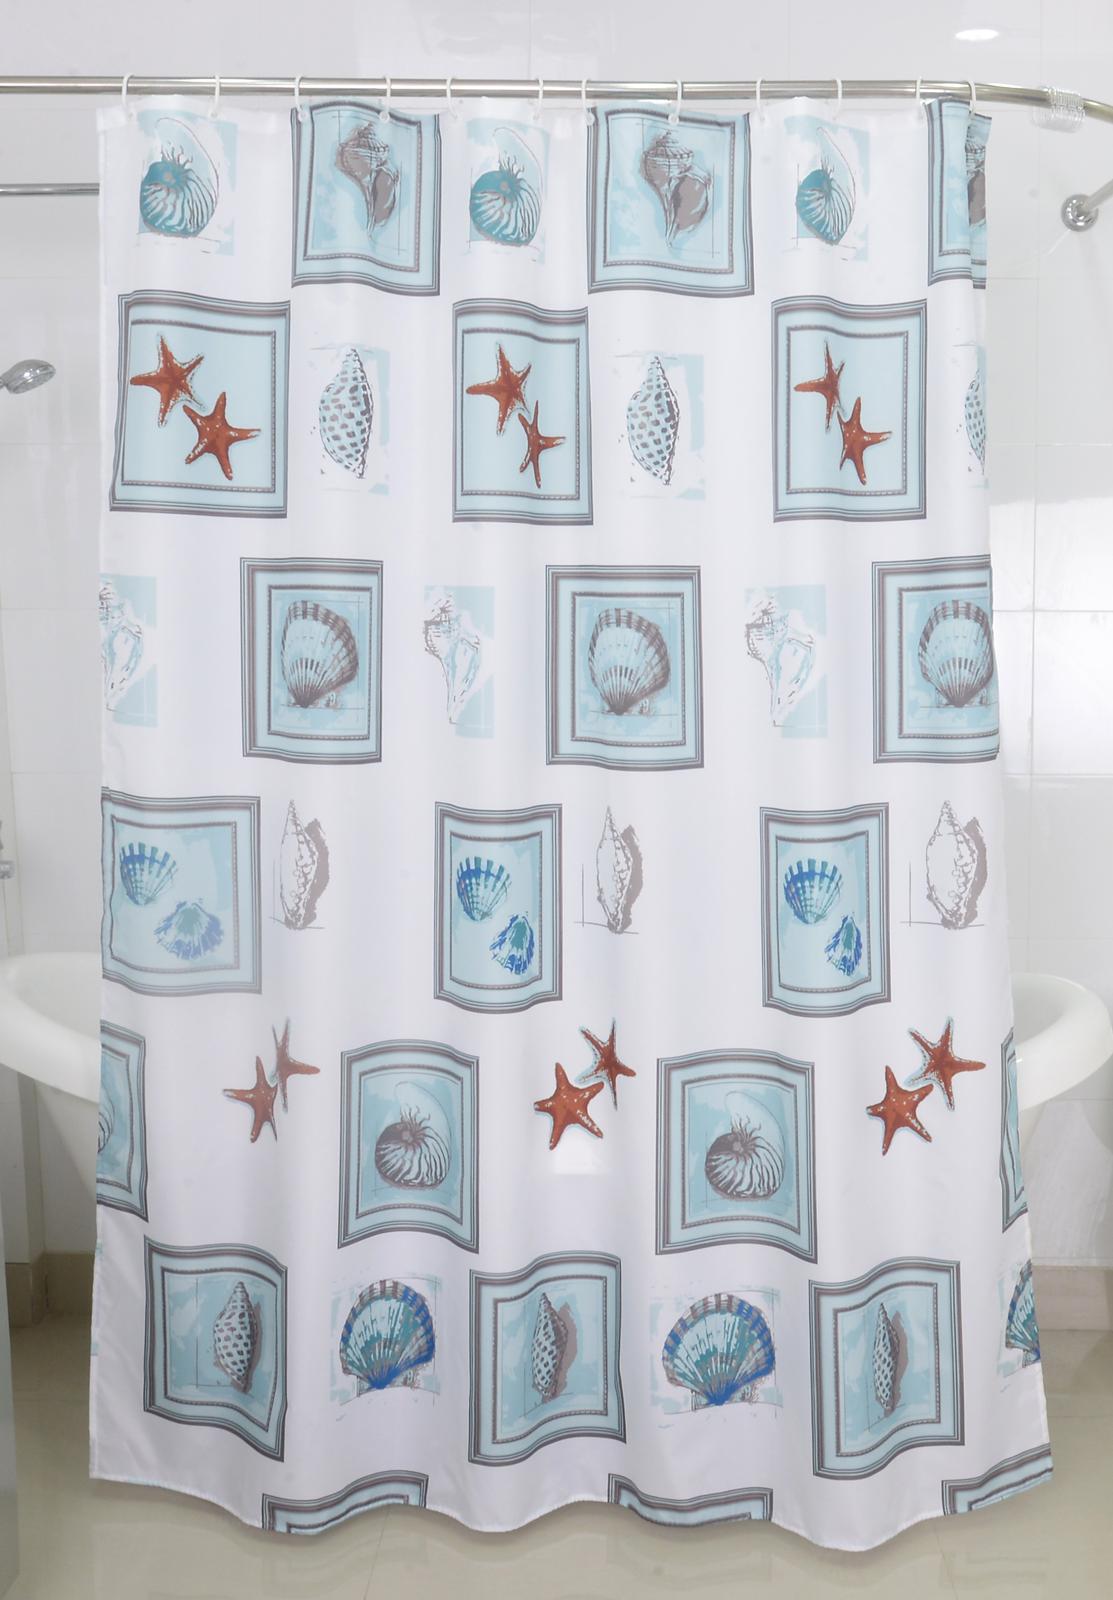 Badtextilien - Textil Duschvorhang Badewannenvorhang Vorhang 180x200 incl. 12 Ringe 568063 Seestern  - Onlineshop PremiumShop321